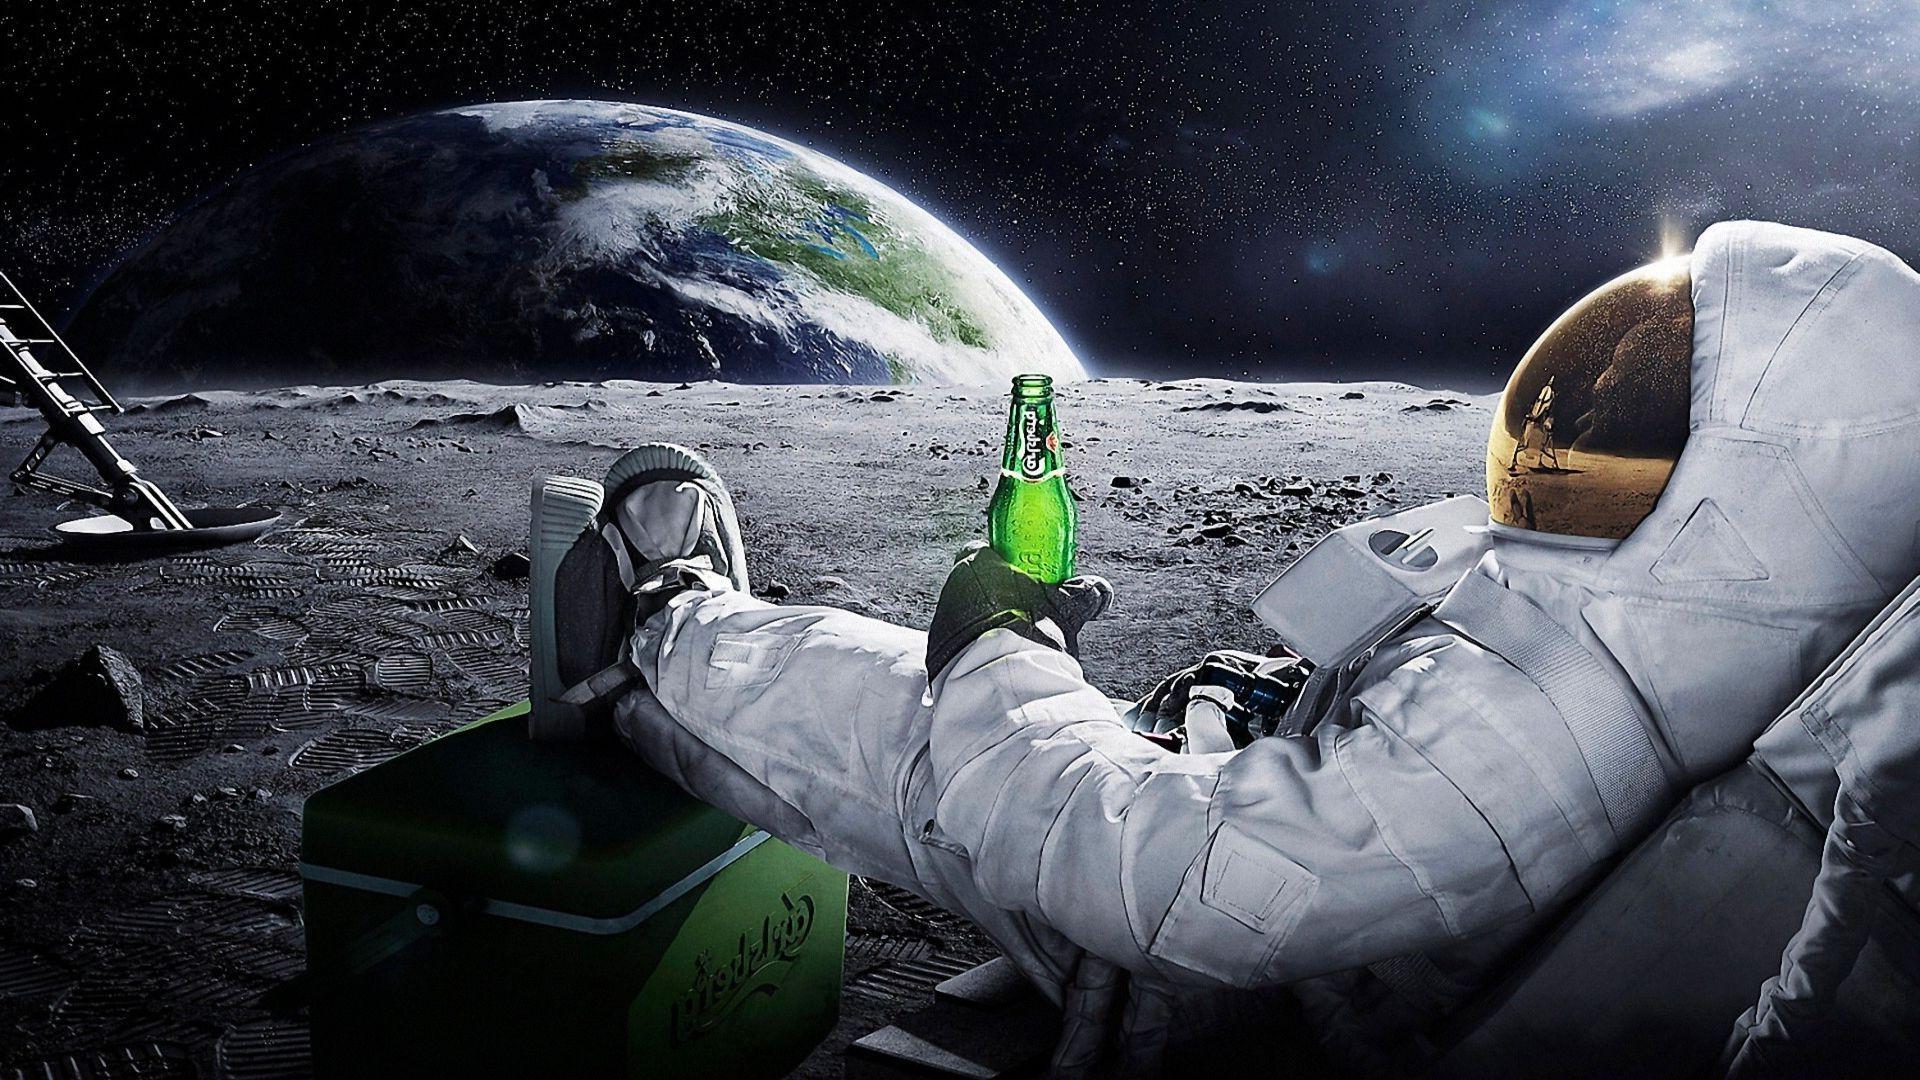 Papel De Parede 1920x1080 Px Playerunknowns: Papel De Parede : 1920x1080 Px, Astronauta, Cerveja, Terra